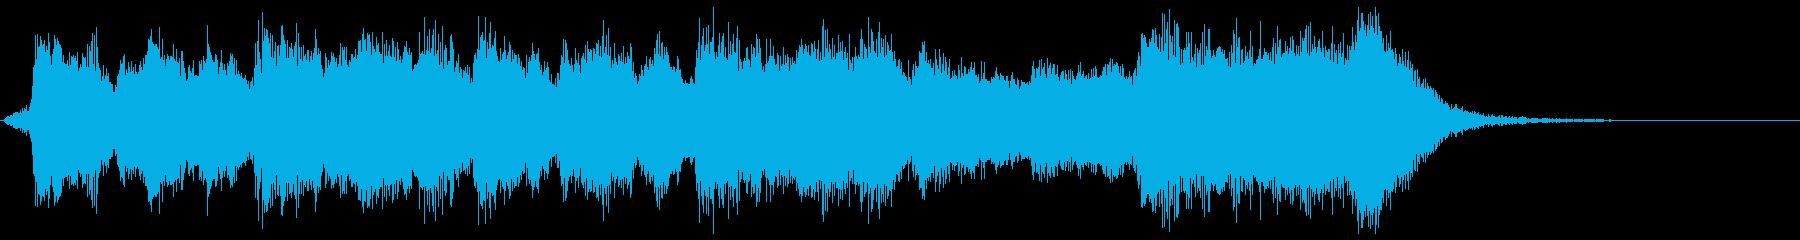 古風で華やかなフルオケジングル合唱抜の再生済みの波形